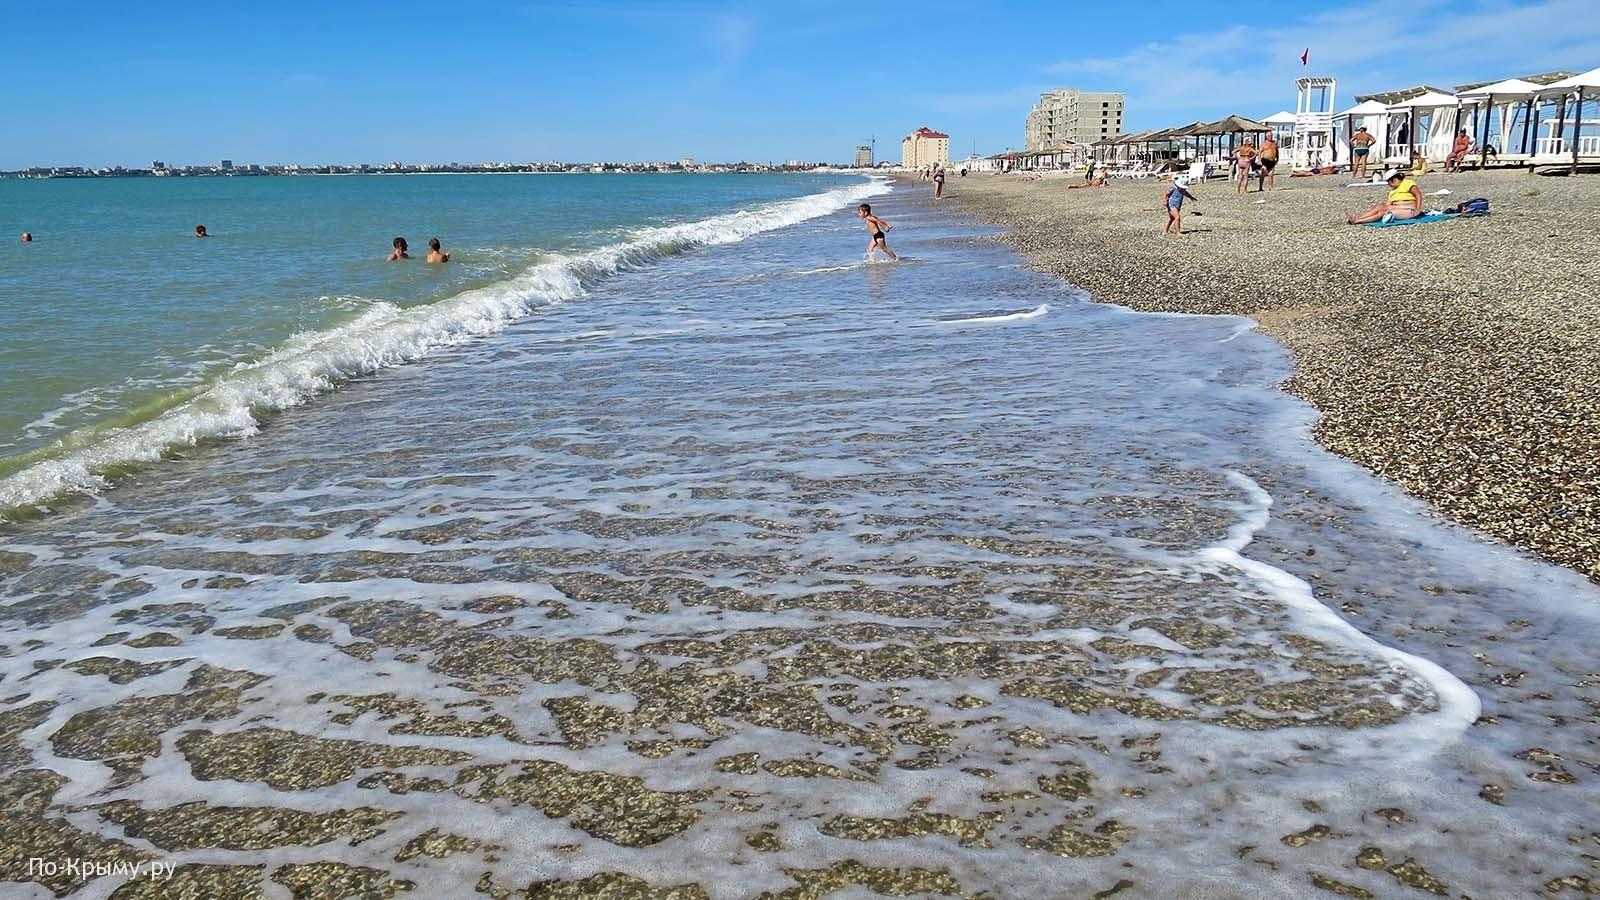 Пляж Первый в Евпатории